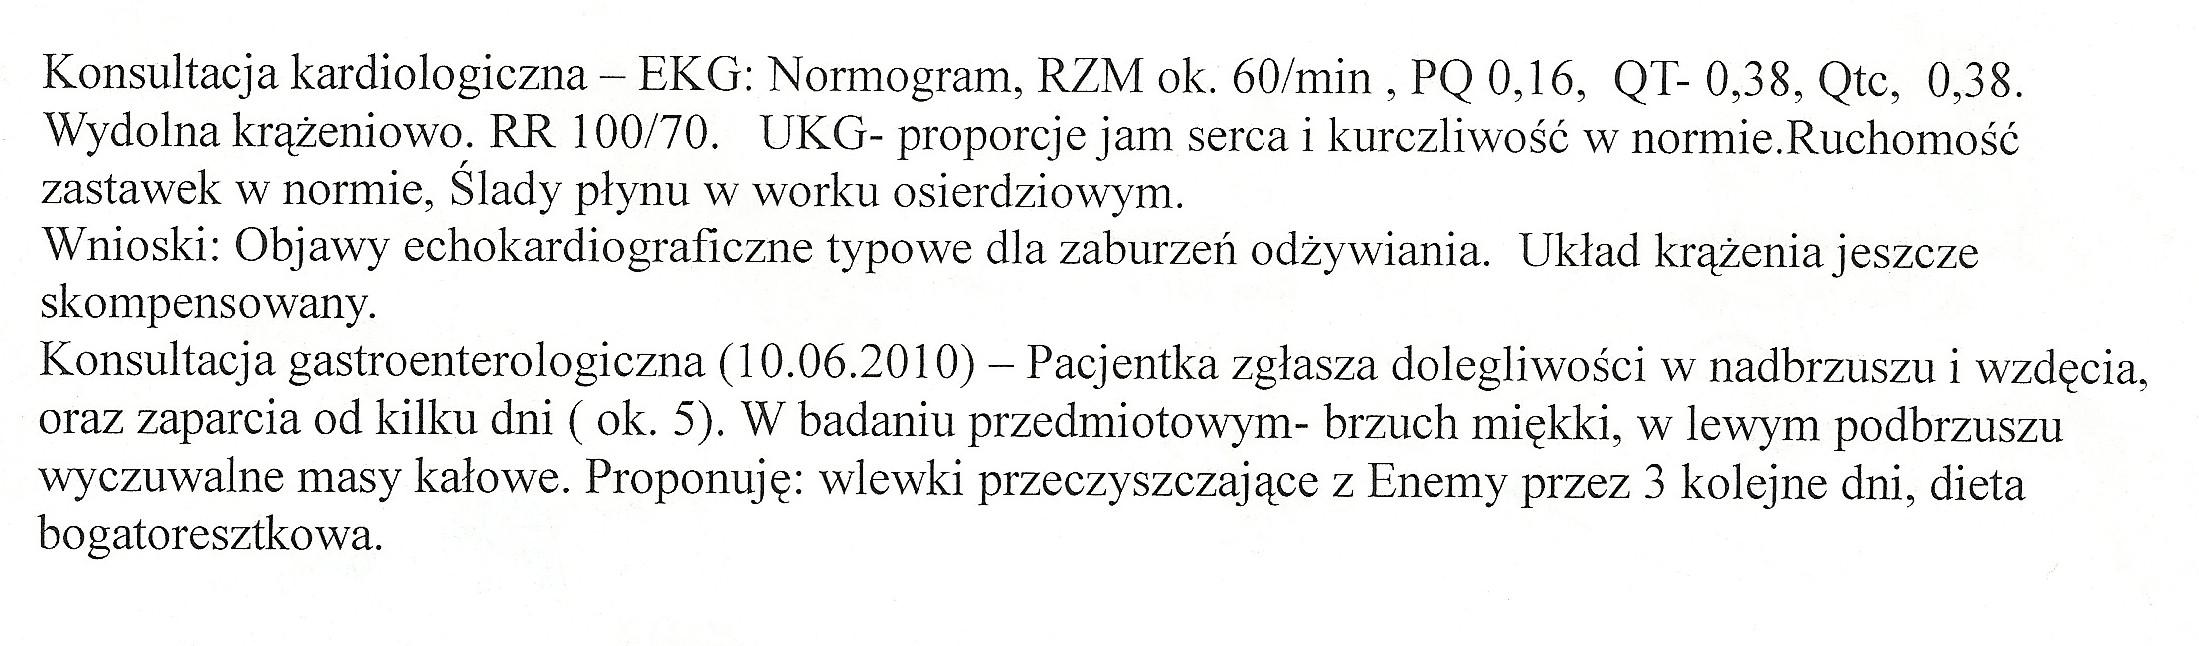 Glodne_pl-Karta informacyjna leczenia szpitalnego w oddziale psychiatrii (anorekcja, bulimia)-1